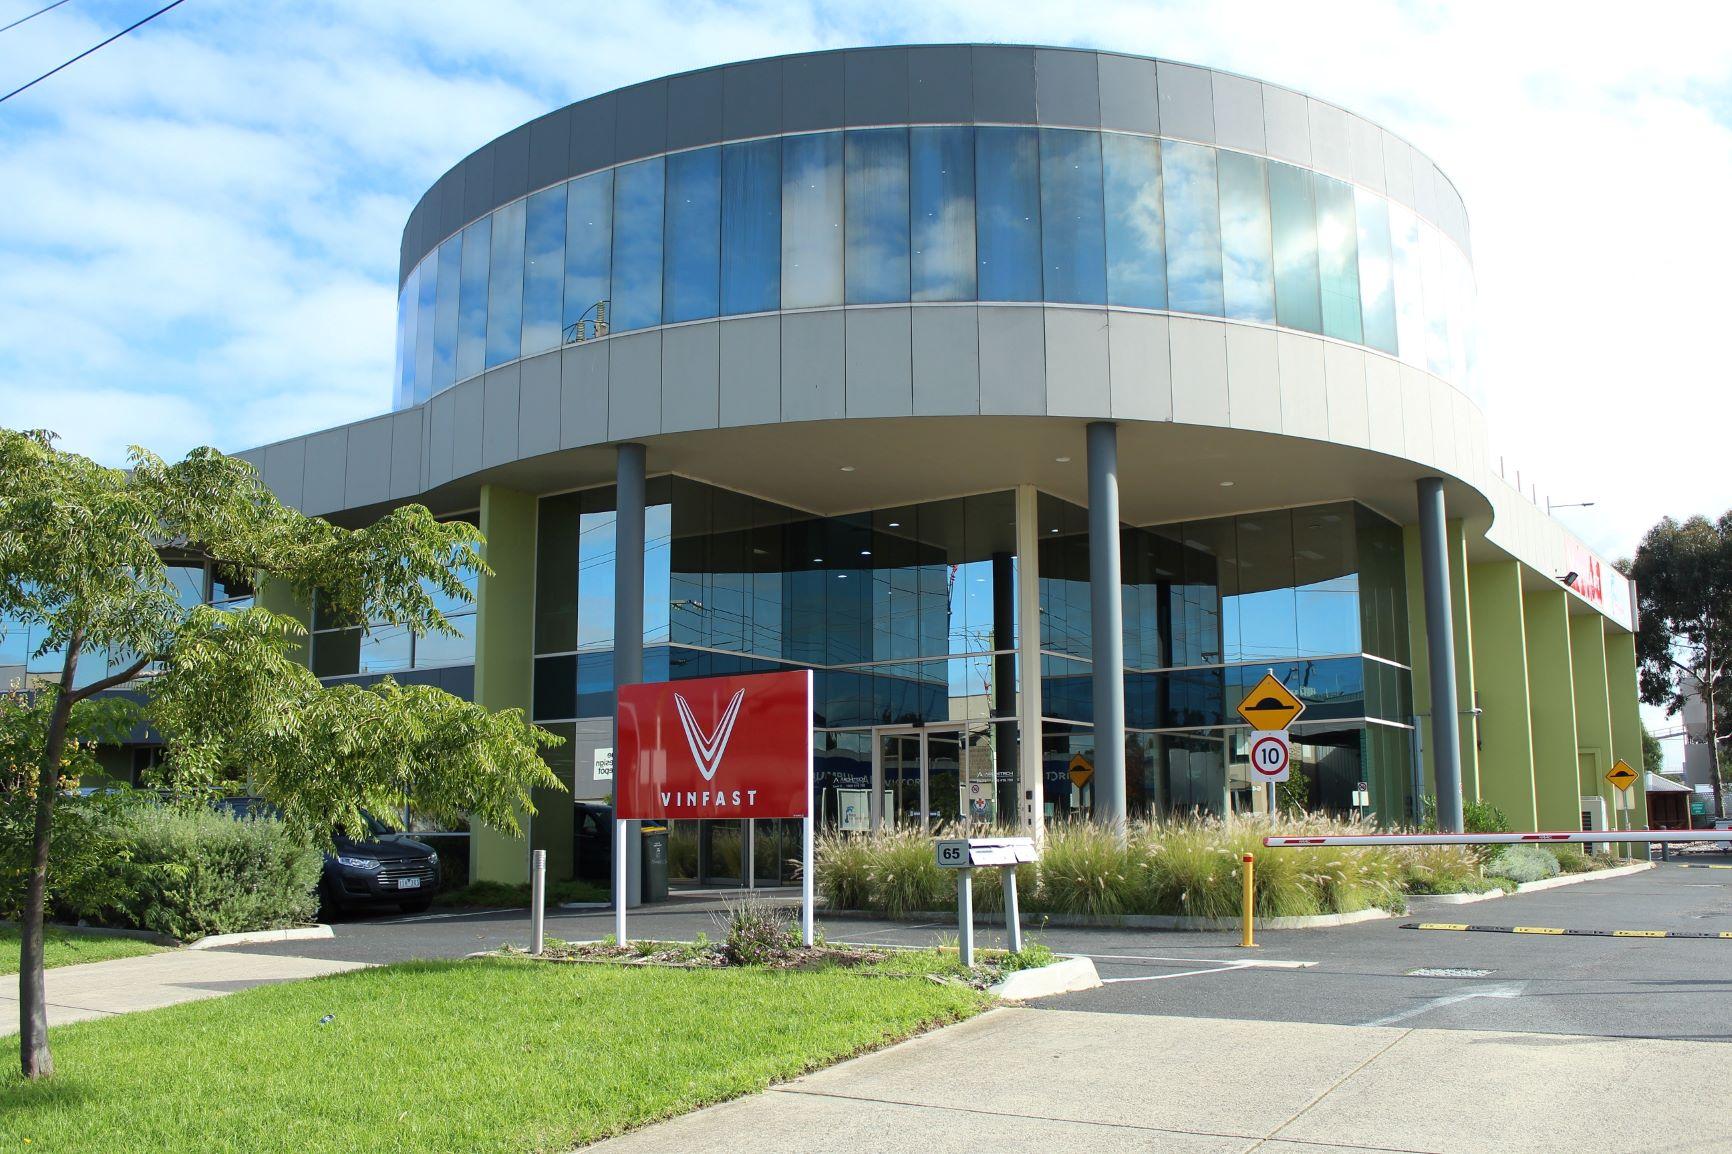 Vinfast xác nhận khai trương trụ sở Vinfast Australia tại Melbourne Úc - 3